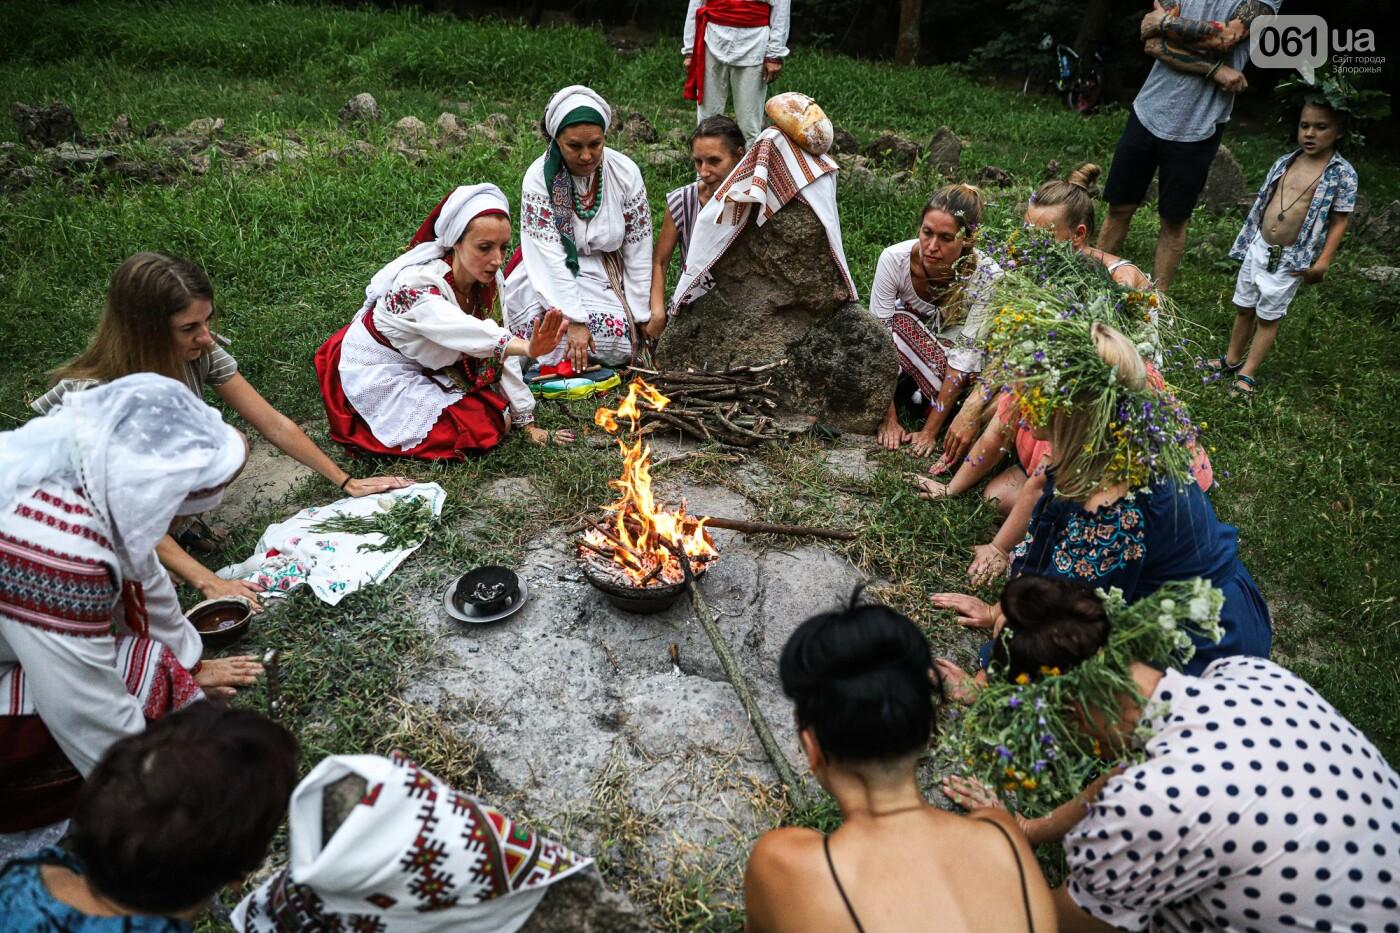 Огонь и дубовые венки: как на Хортице отметили праздник Перуна, - ФОТОРЕПОРТАЖ, фото-41